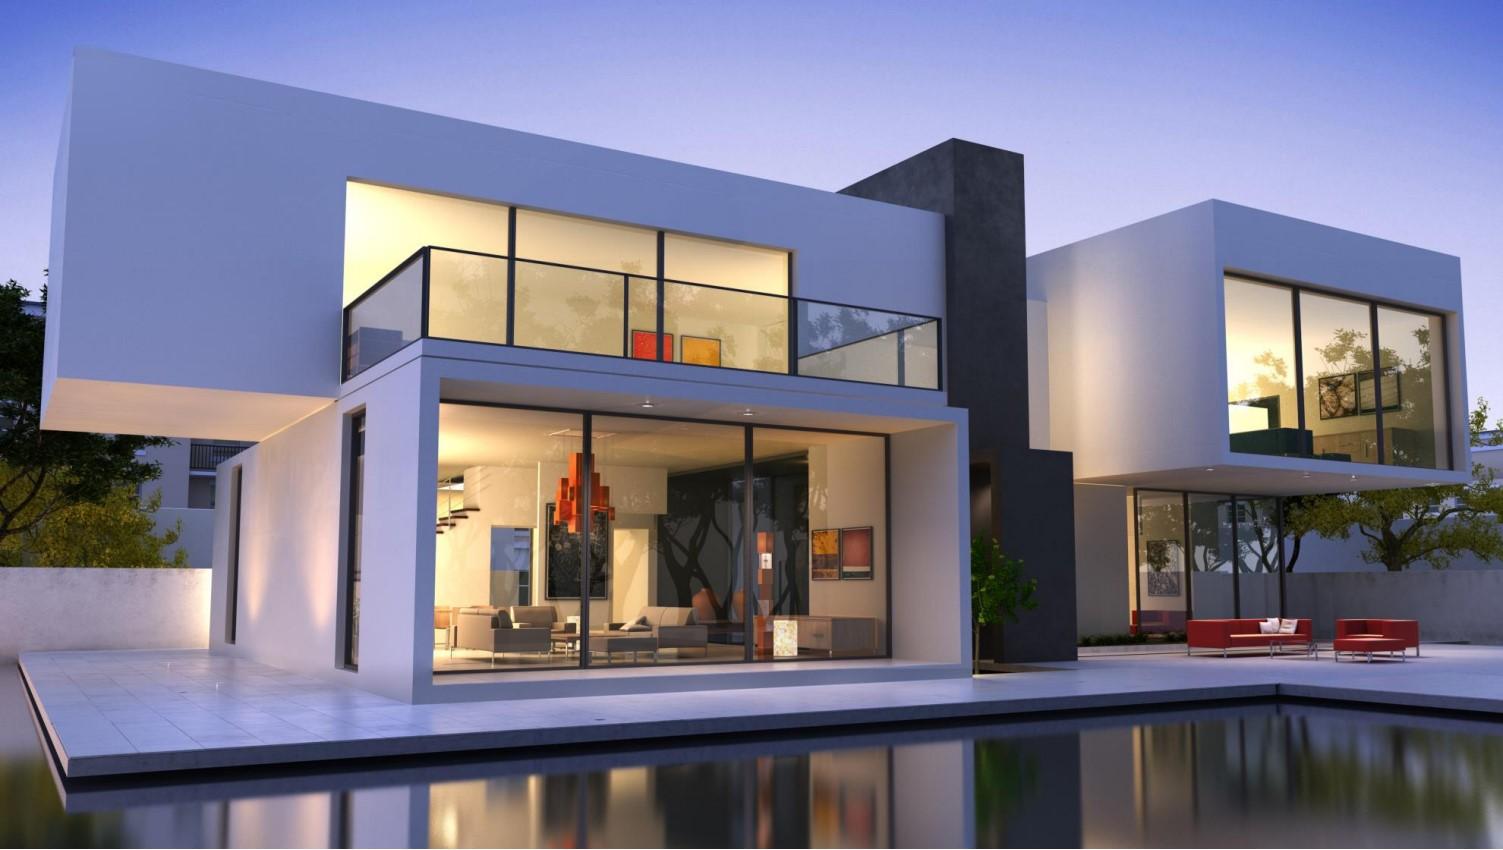 sch nes grau sichtbeton manufact nachhaltig und hochwertig ihr haus bauen. Black Bedroom Furniture Sets. Home Design Ideas